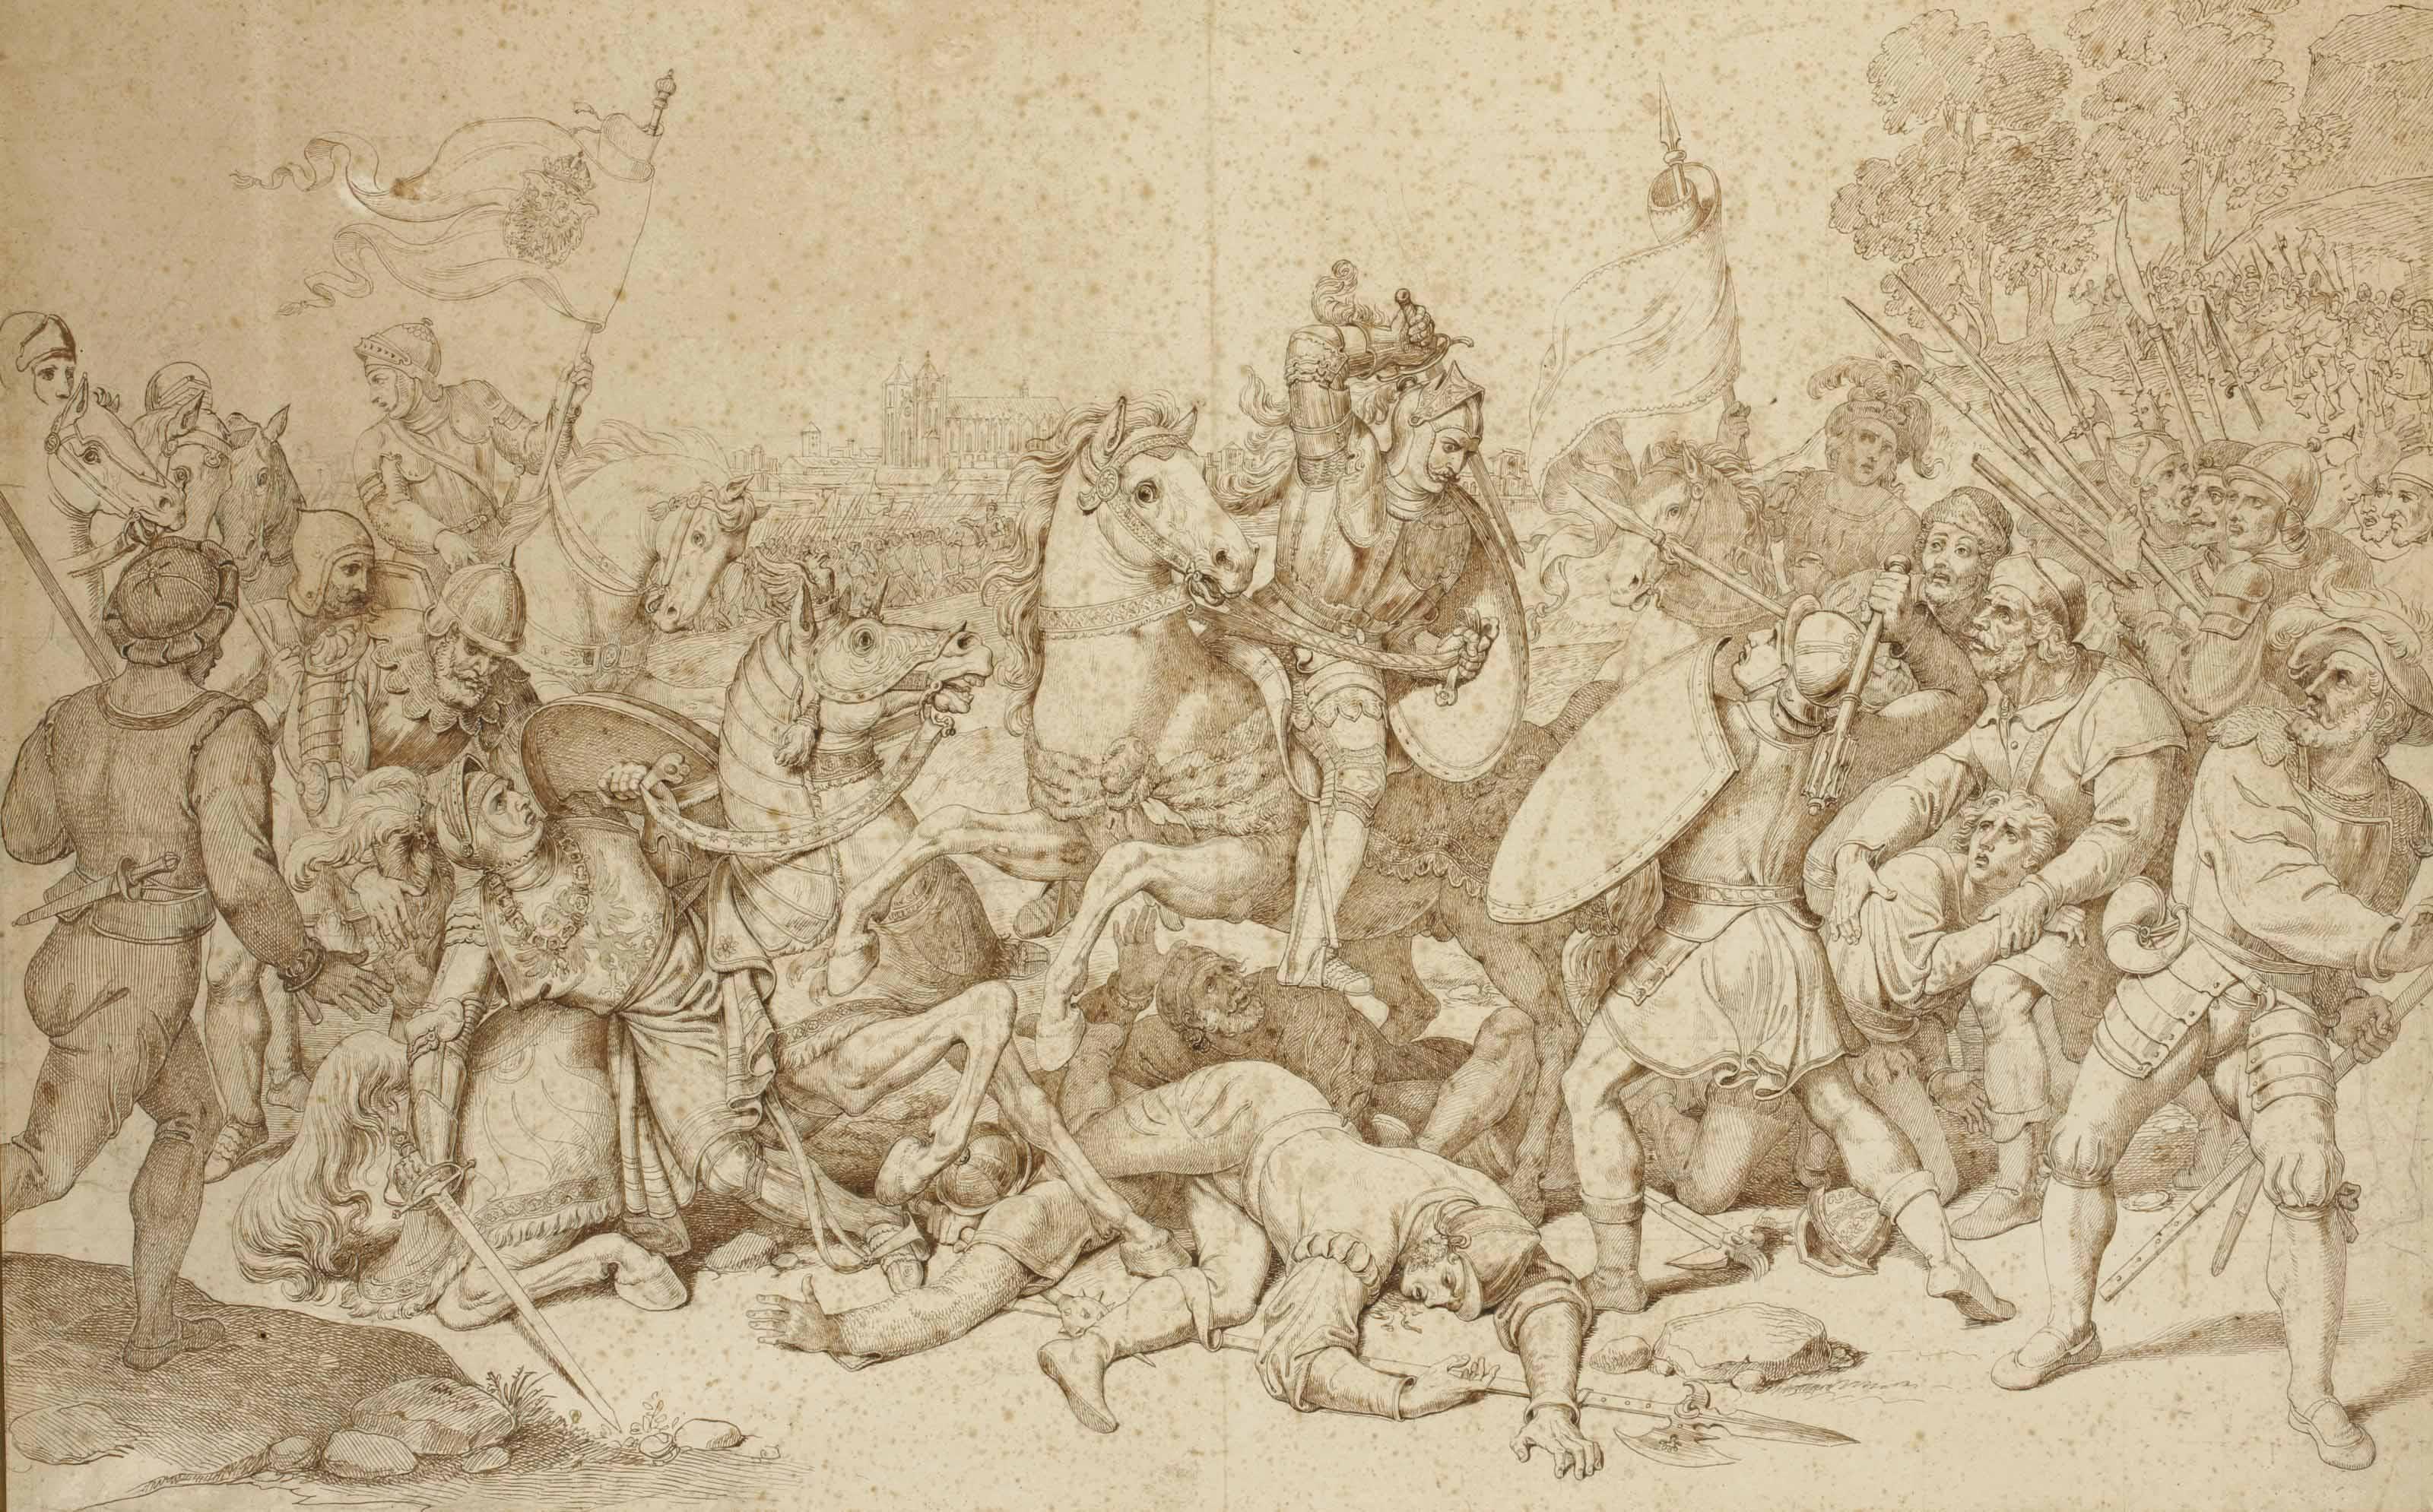 Scène troubadour d'une bataille avec des cavaliers portant les armes des Habsbourg